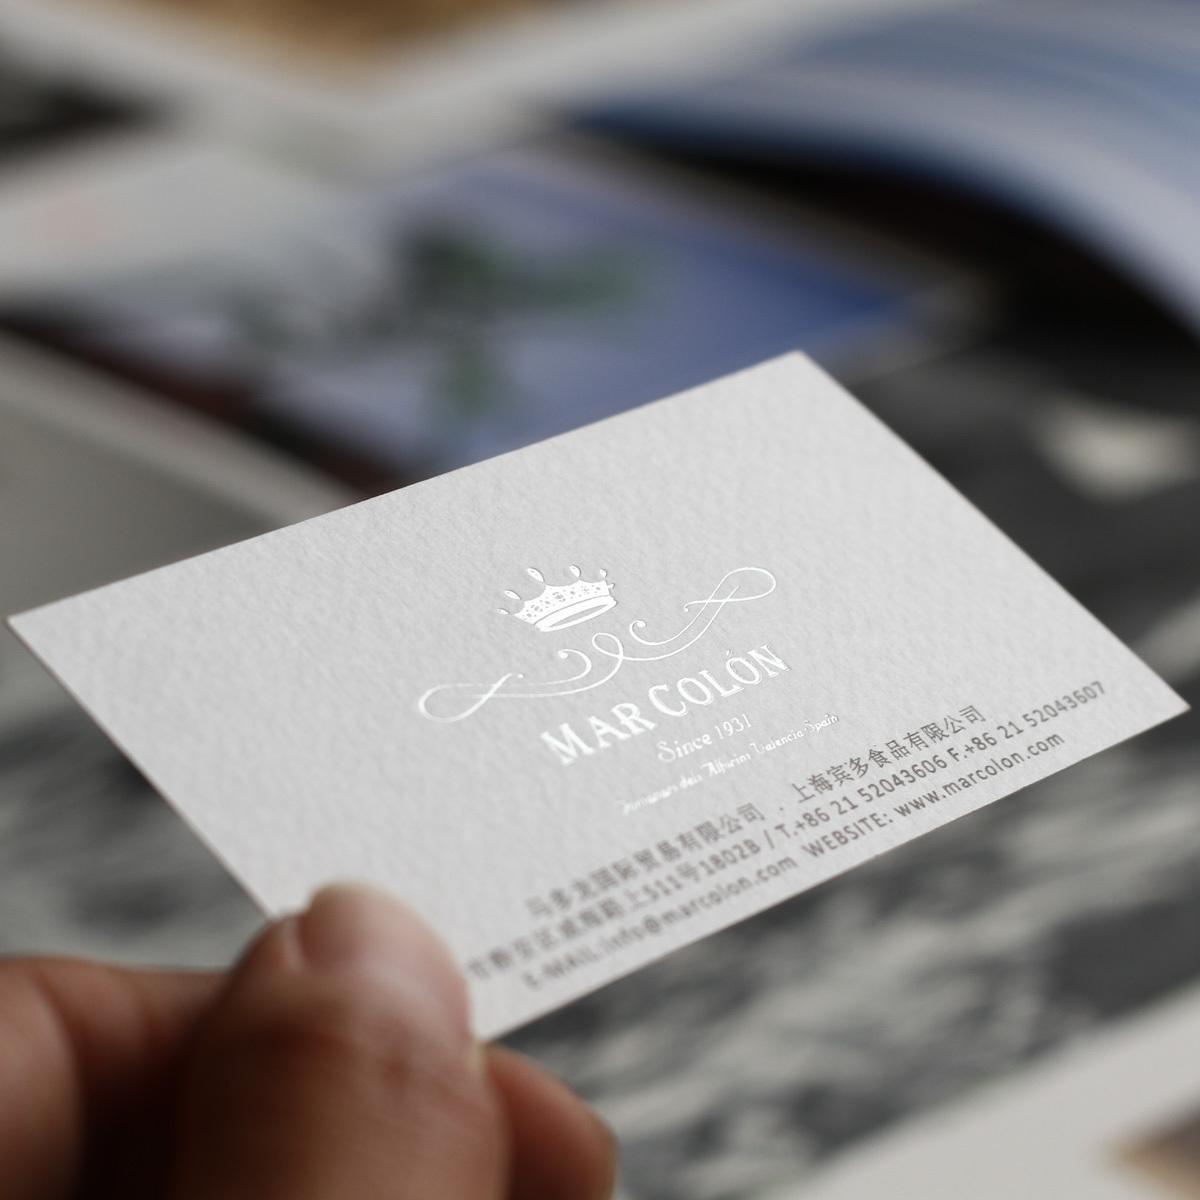 名片设计卡片设计高端名片个性名片原创设计高端形象卡片设计